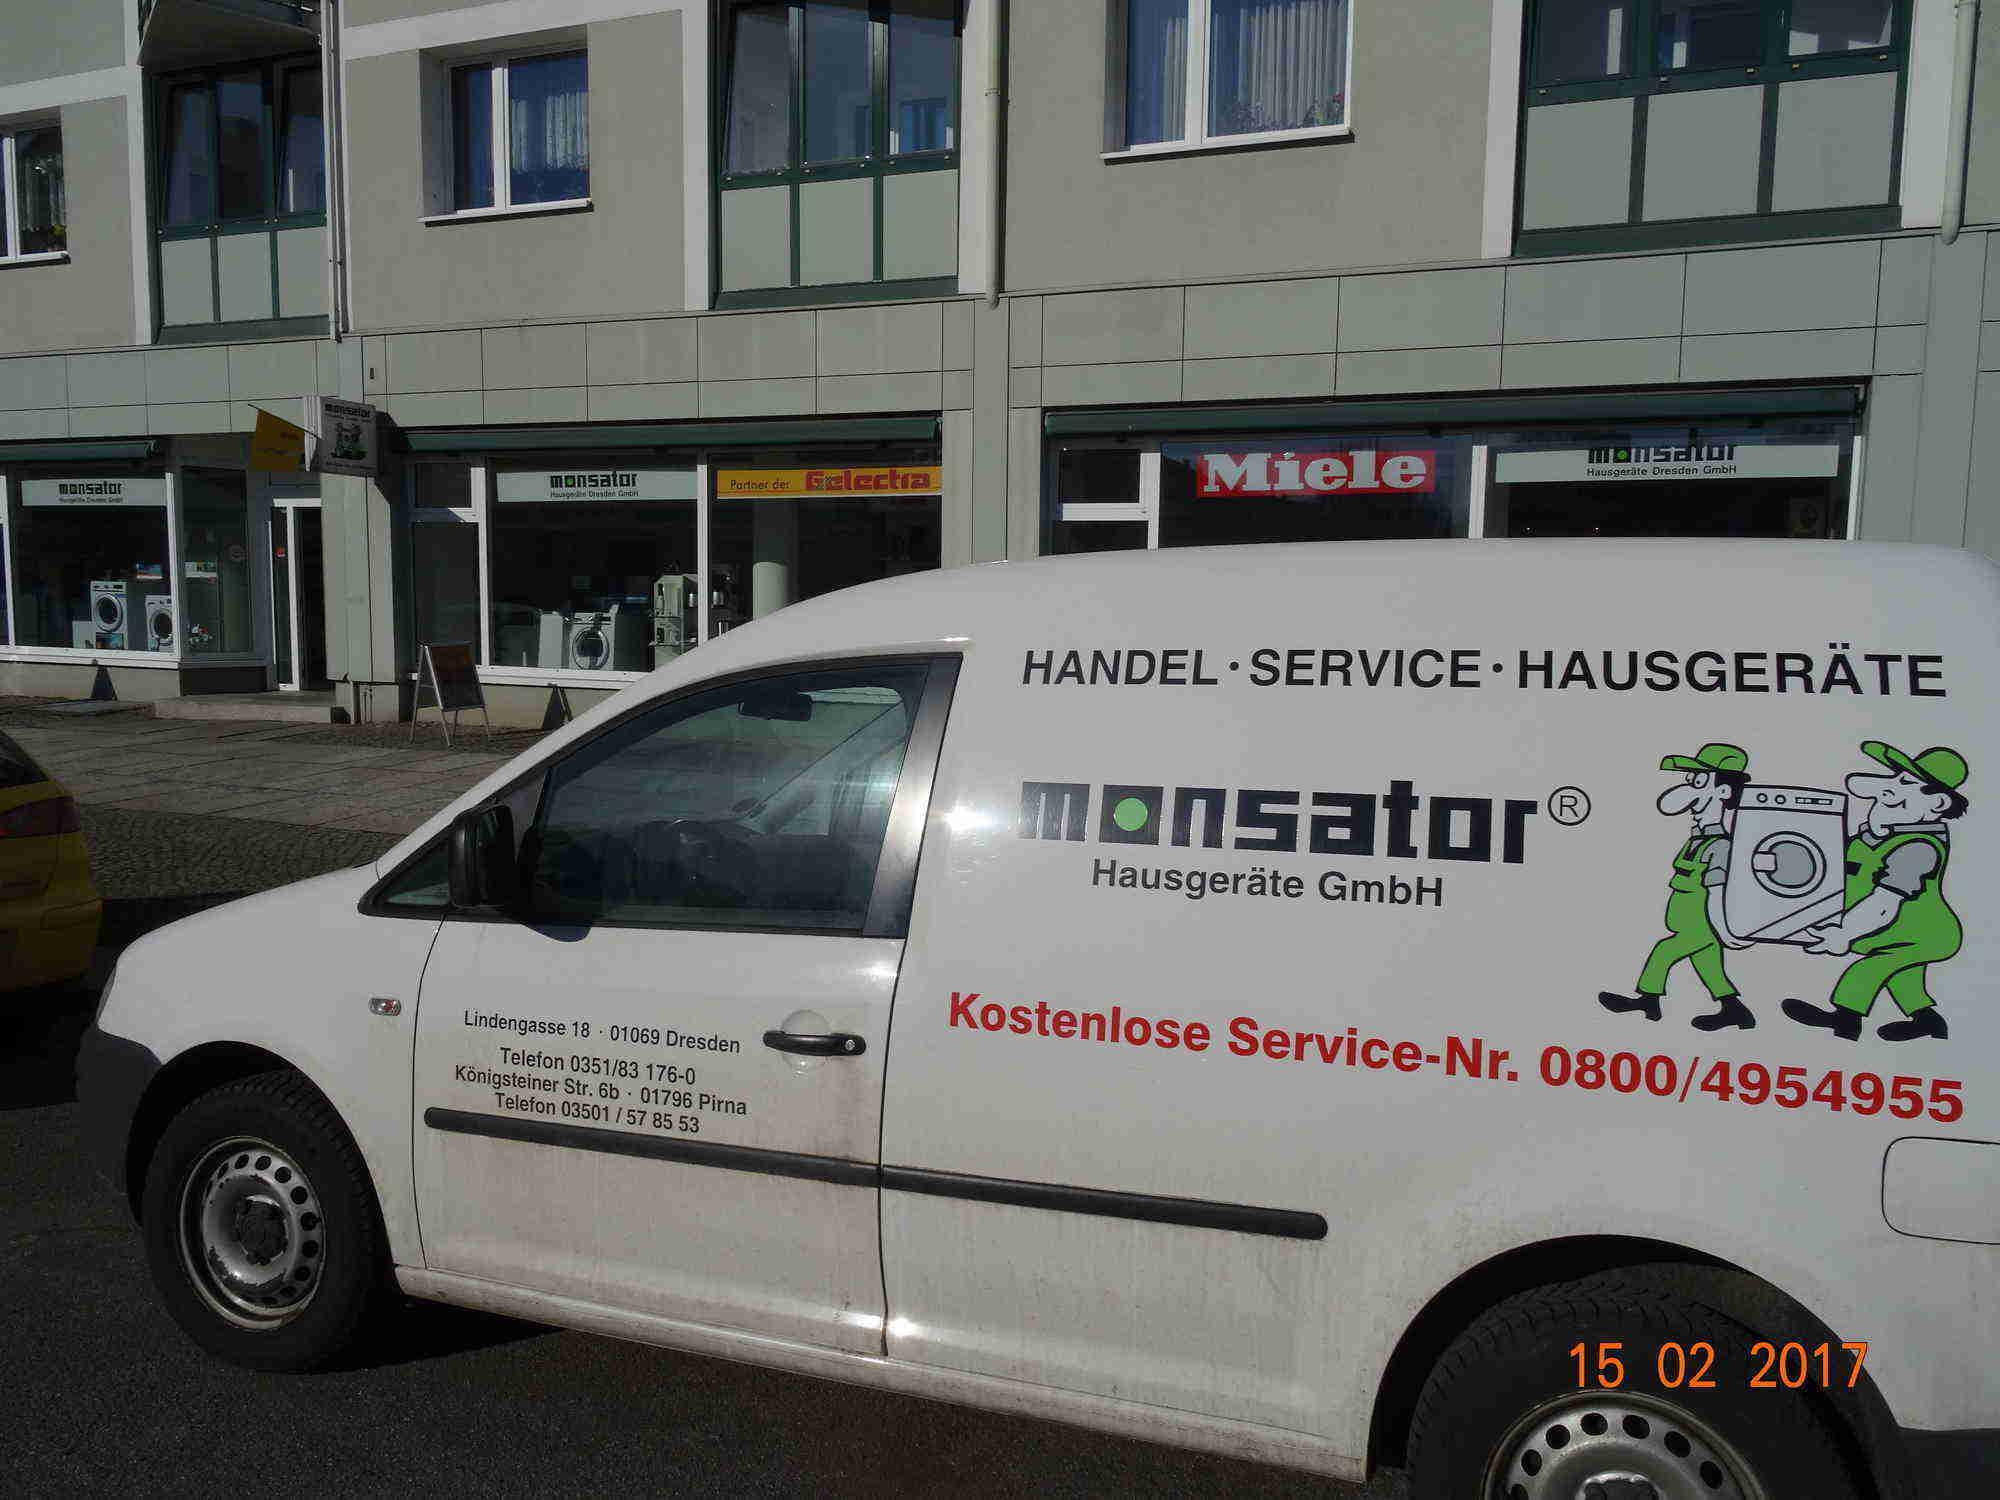 Siemens Kühlschrank Kundendienst : Siemens kühlschrank kundendienst schweiz siemens deutschland